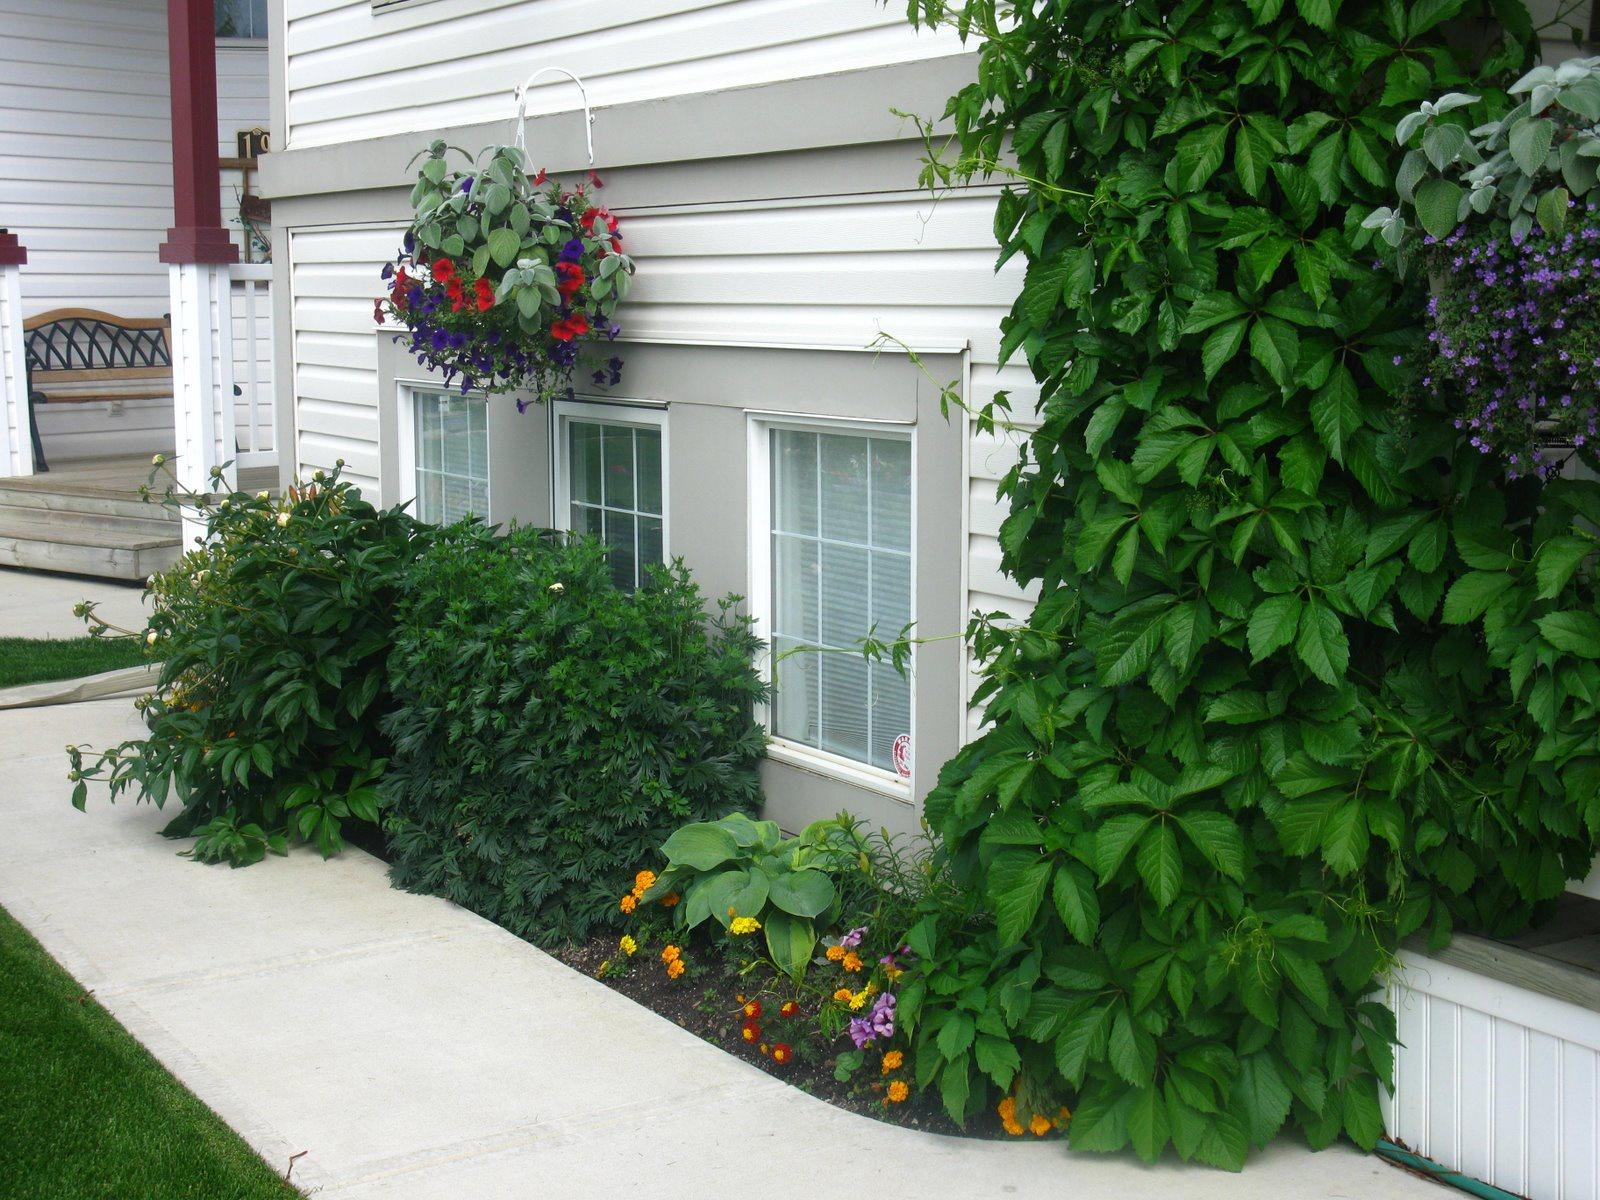 Ландшафтный дизайн: Цветы и клумбы: Вертикальные клумбы своими руками - великолепное украшение дачи